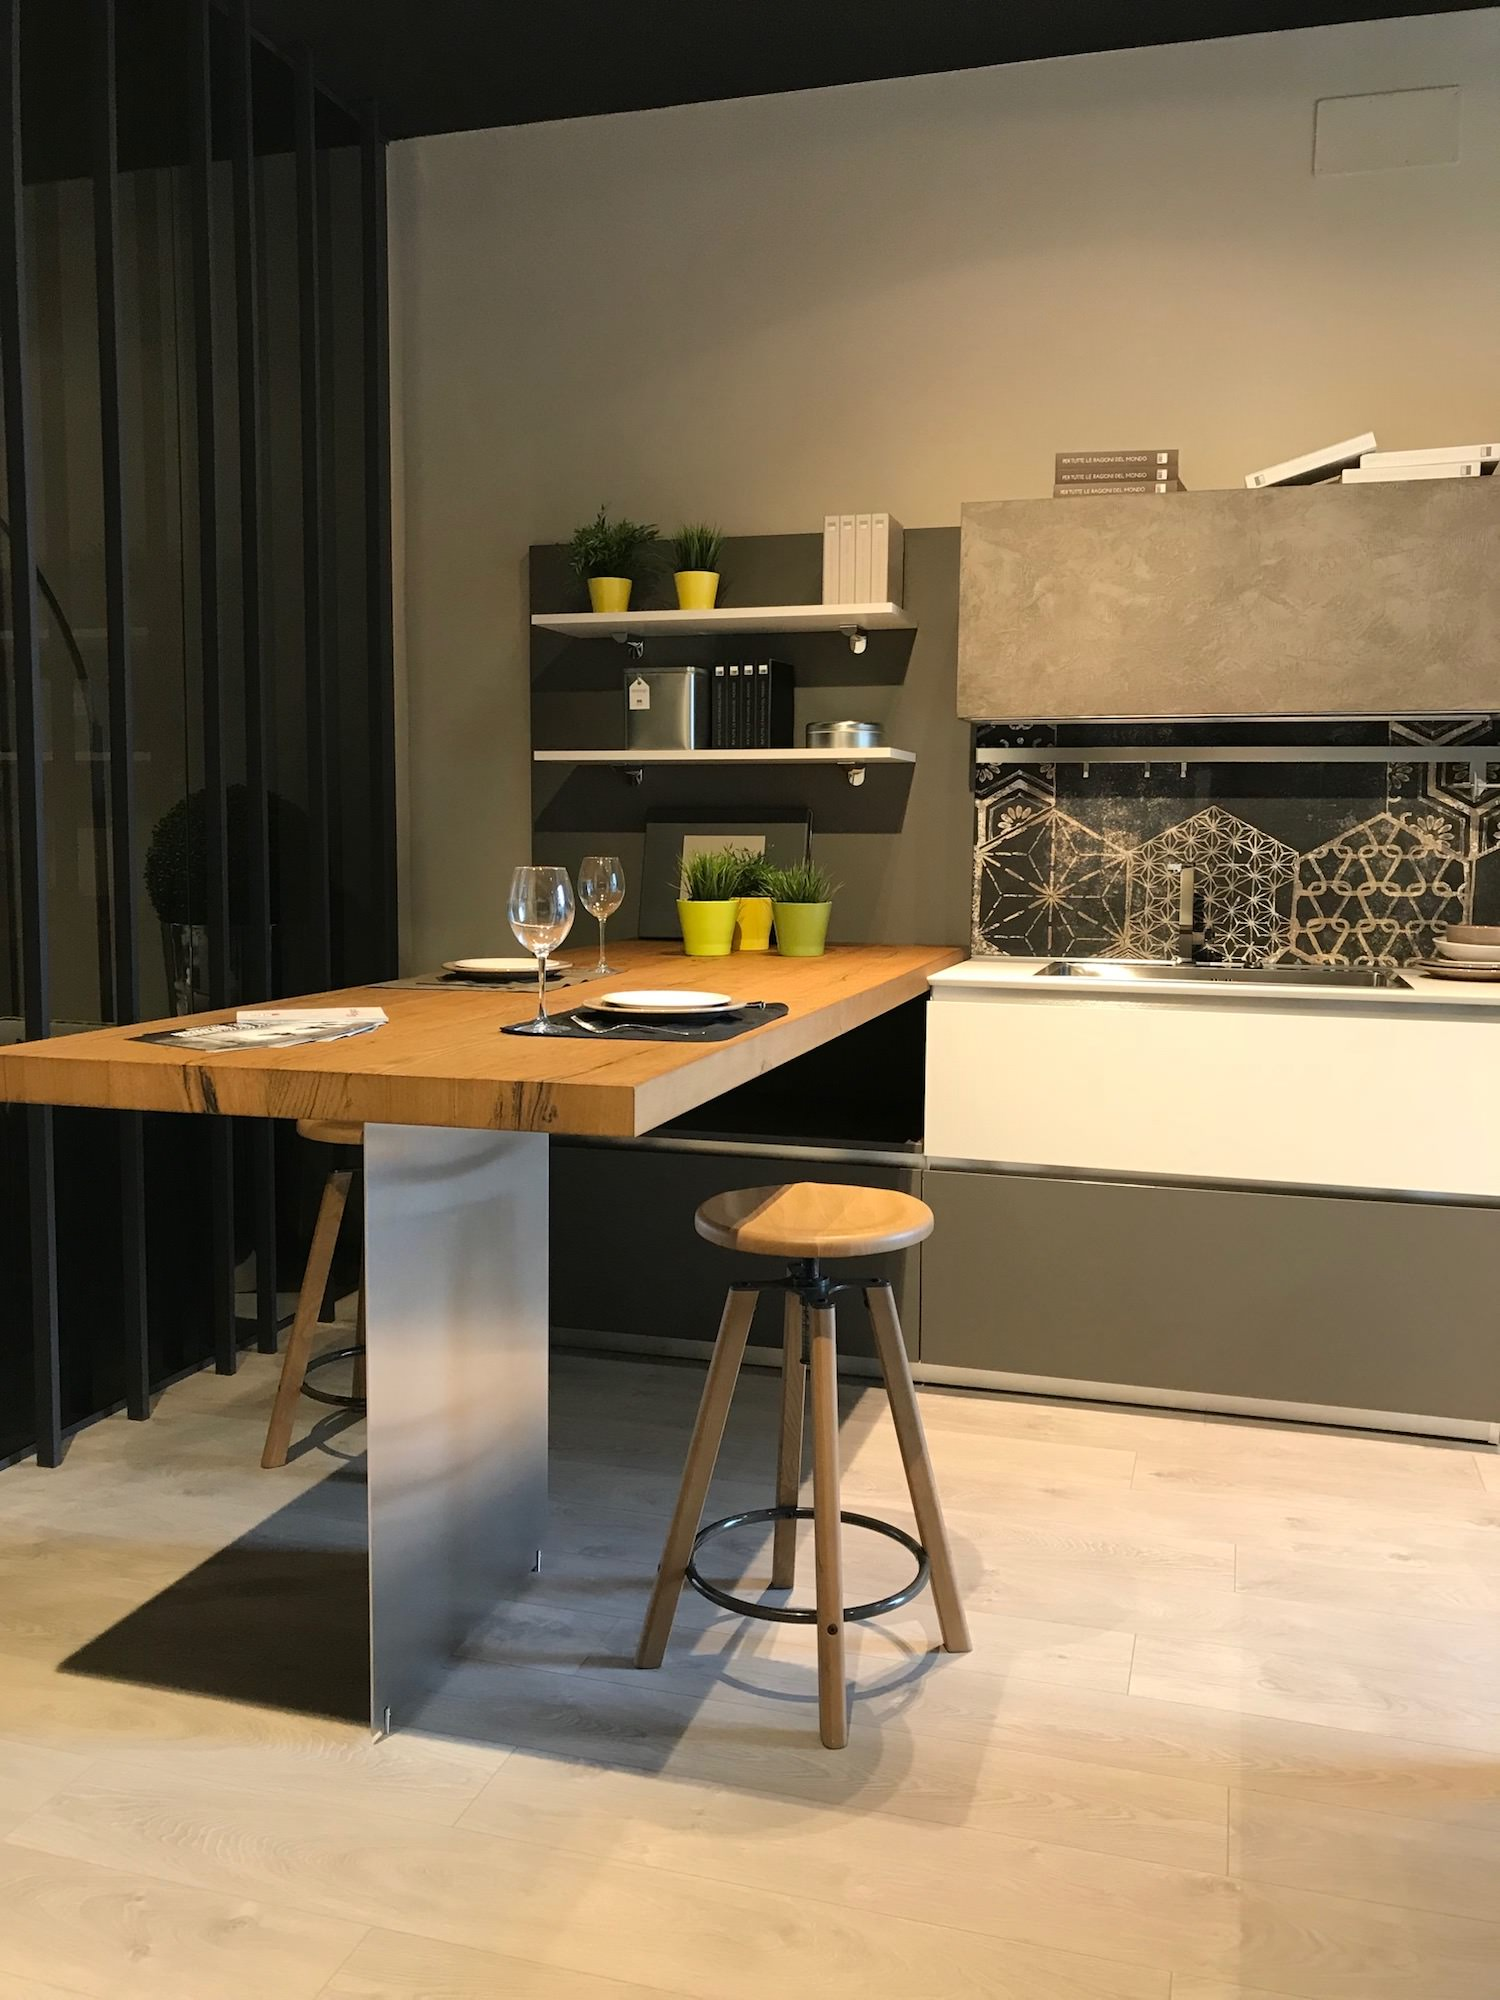 Cucina lube oltre in fenix e malta rafaschieri arredamenti - Cucina oltre lube ...